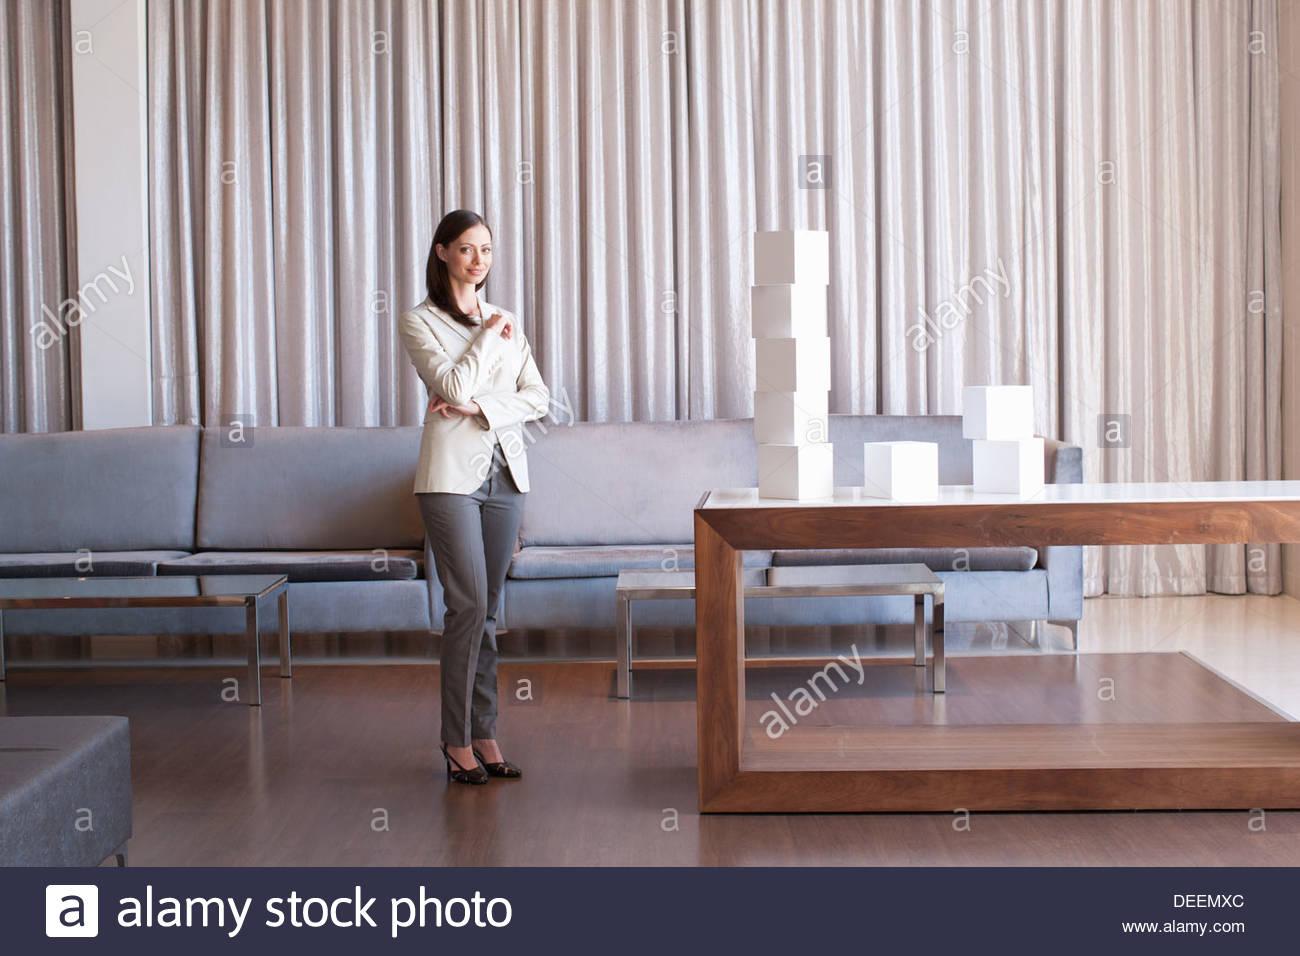 La empresaria blanca de apilamiento de cubos en el vestíbulo del hotel Imagen De Stock